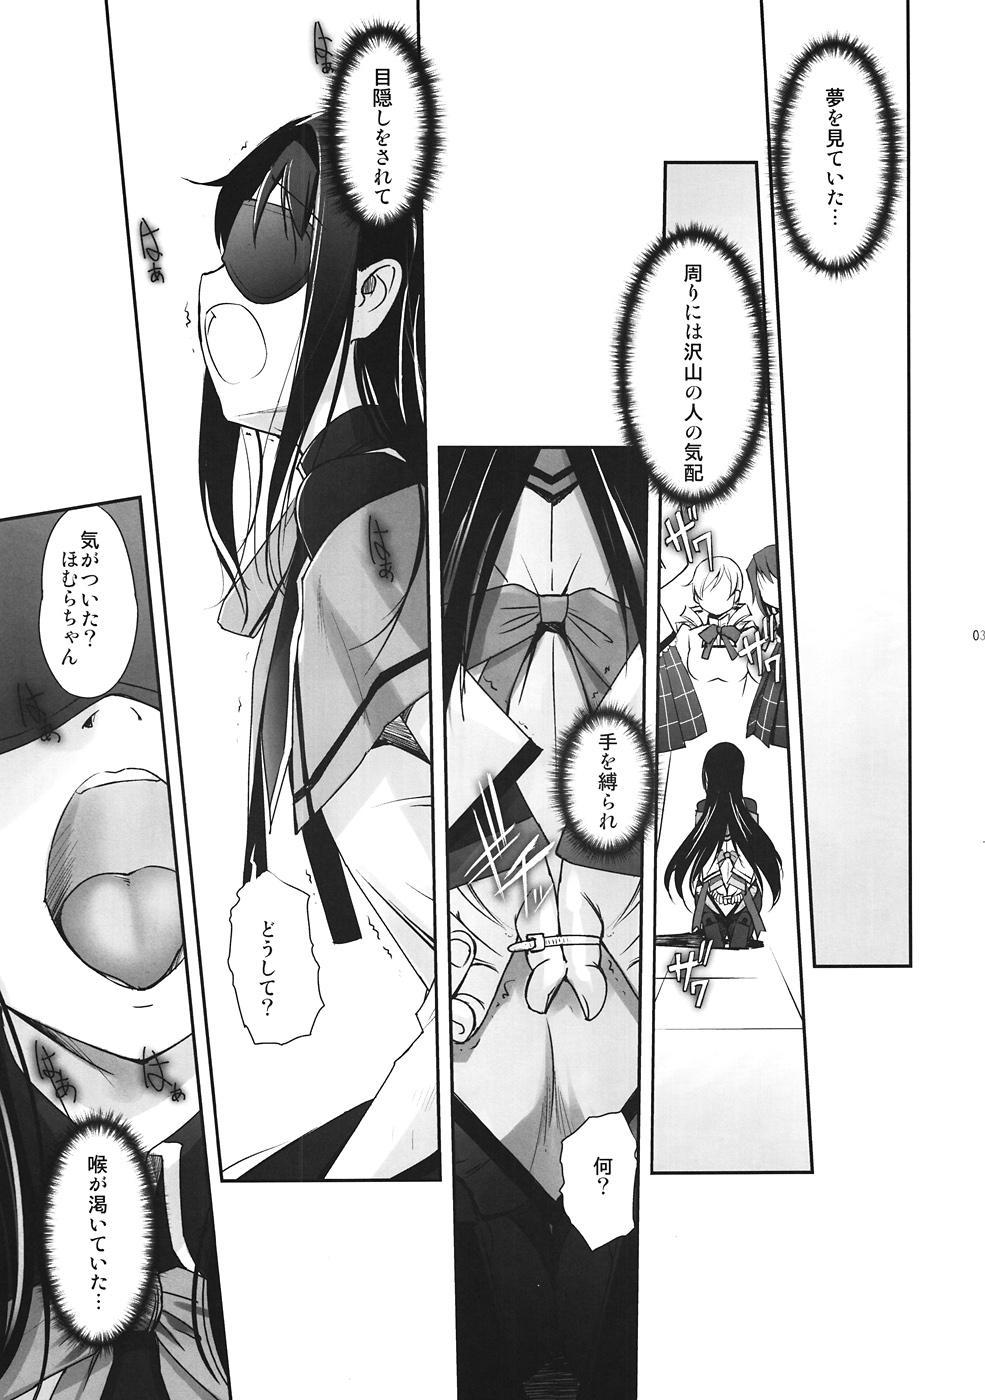 M☆M Erotic 1